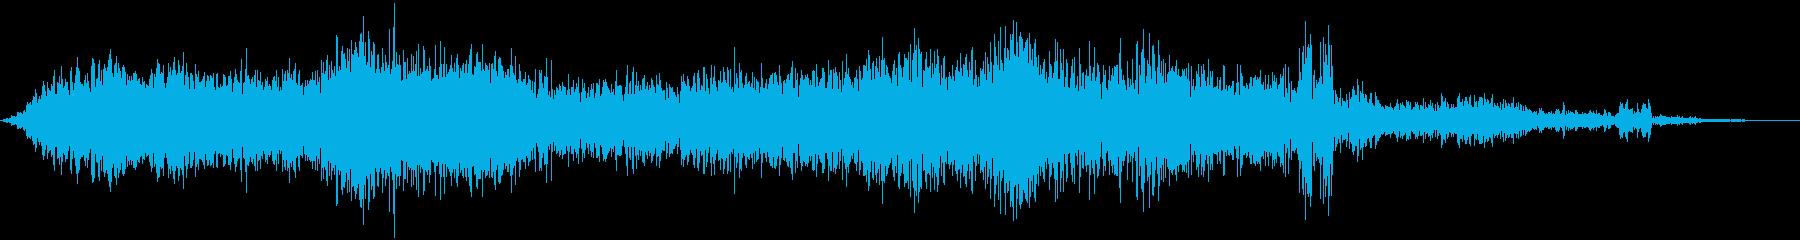 マイグライン4の再生済みの波形